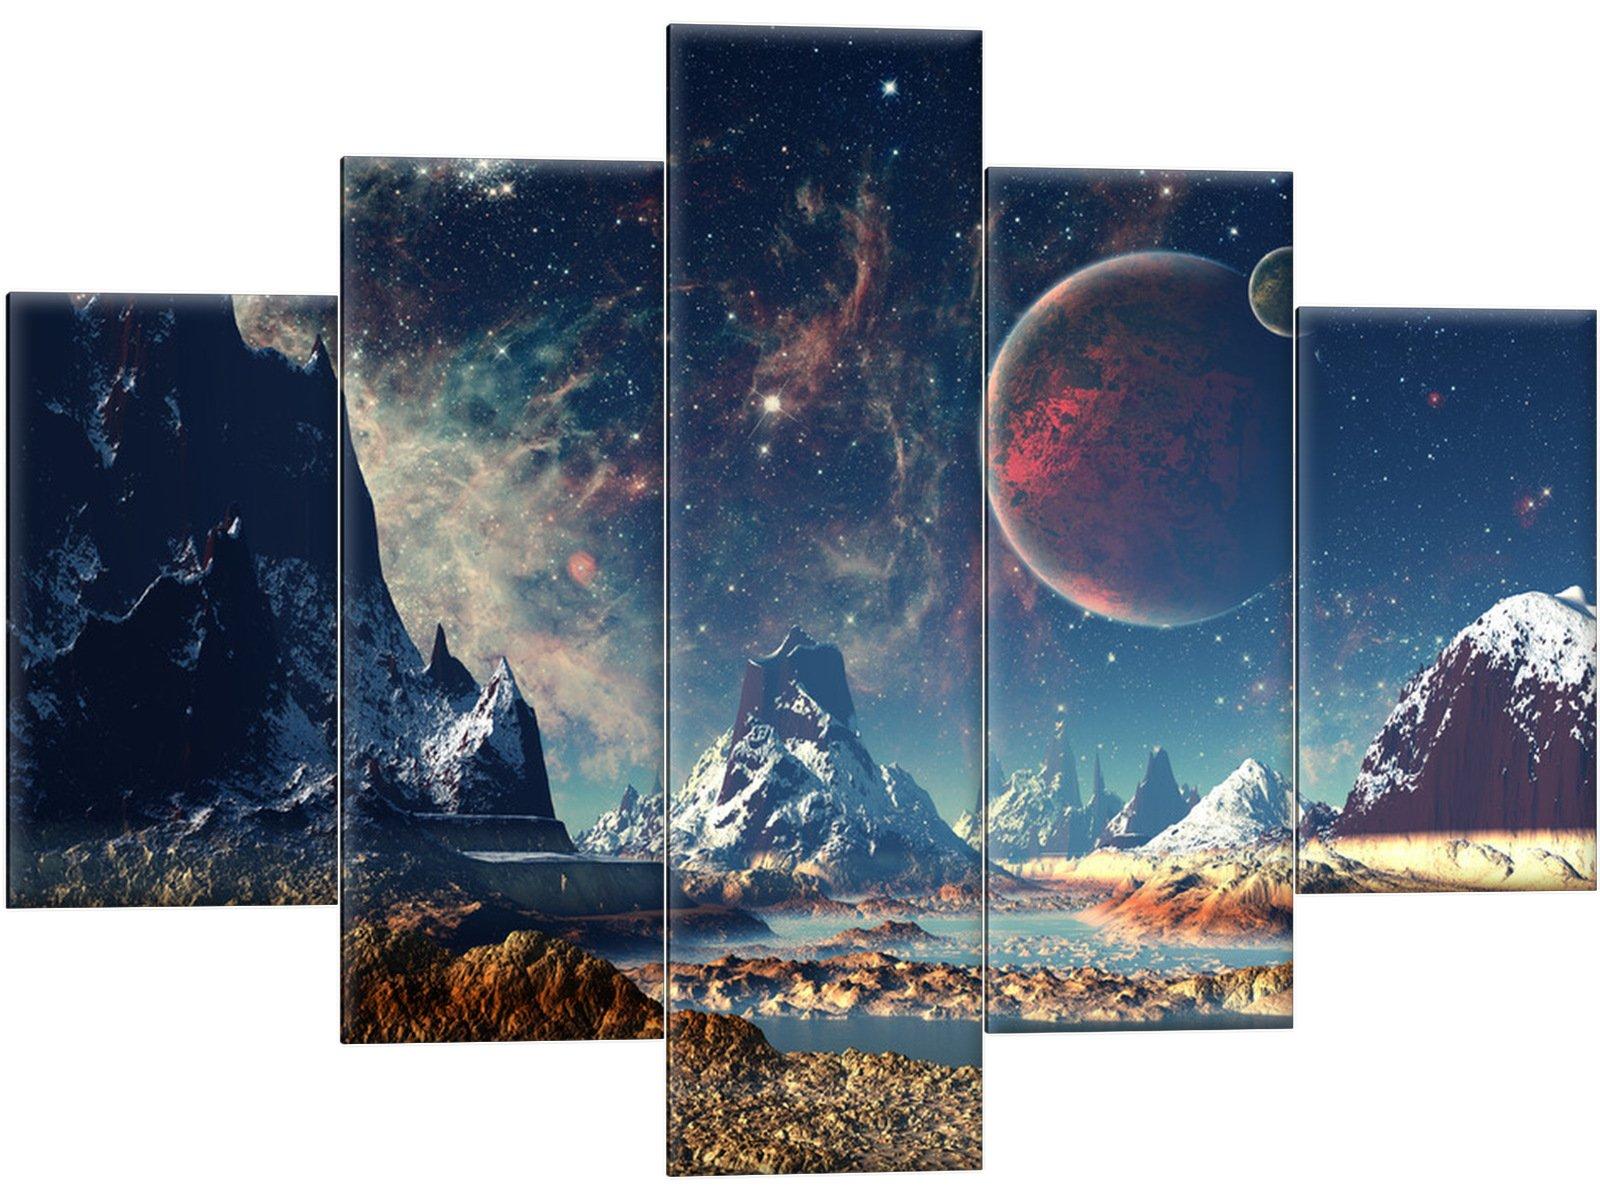 Obrázok tryptickej zahraničnej planéty 150x105 cosmos hviezda